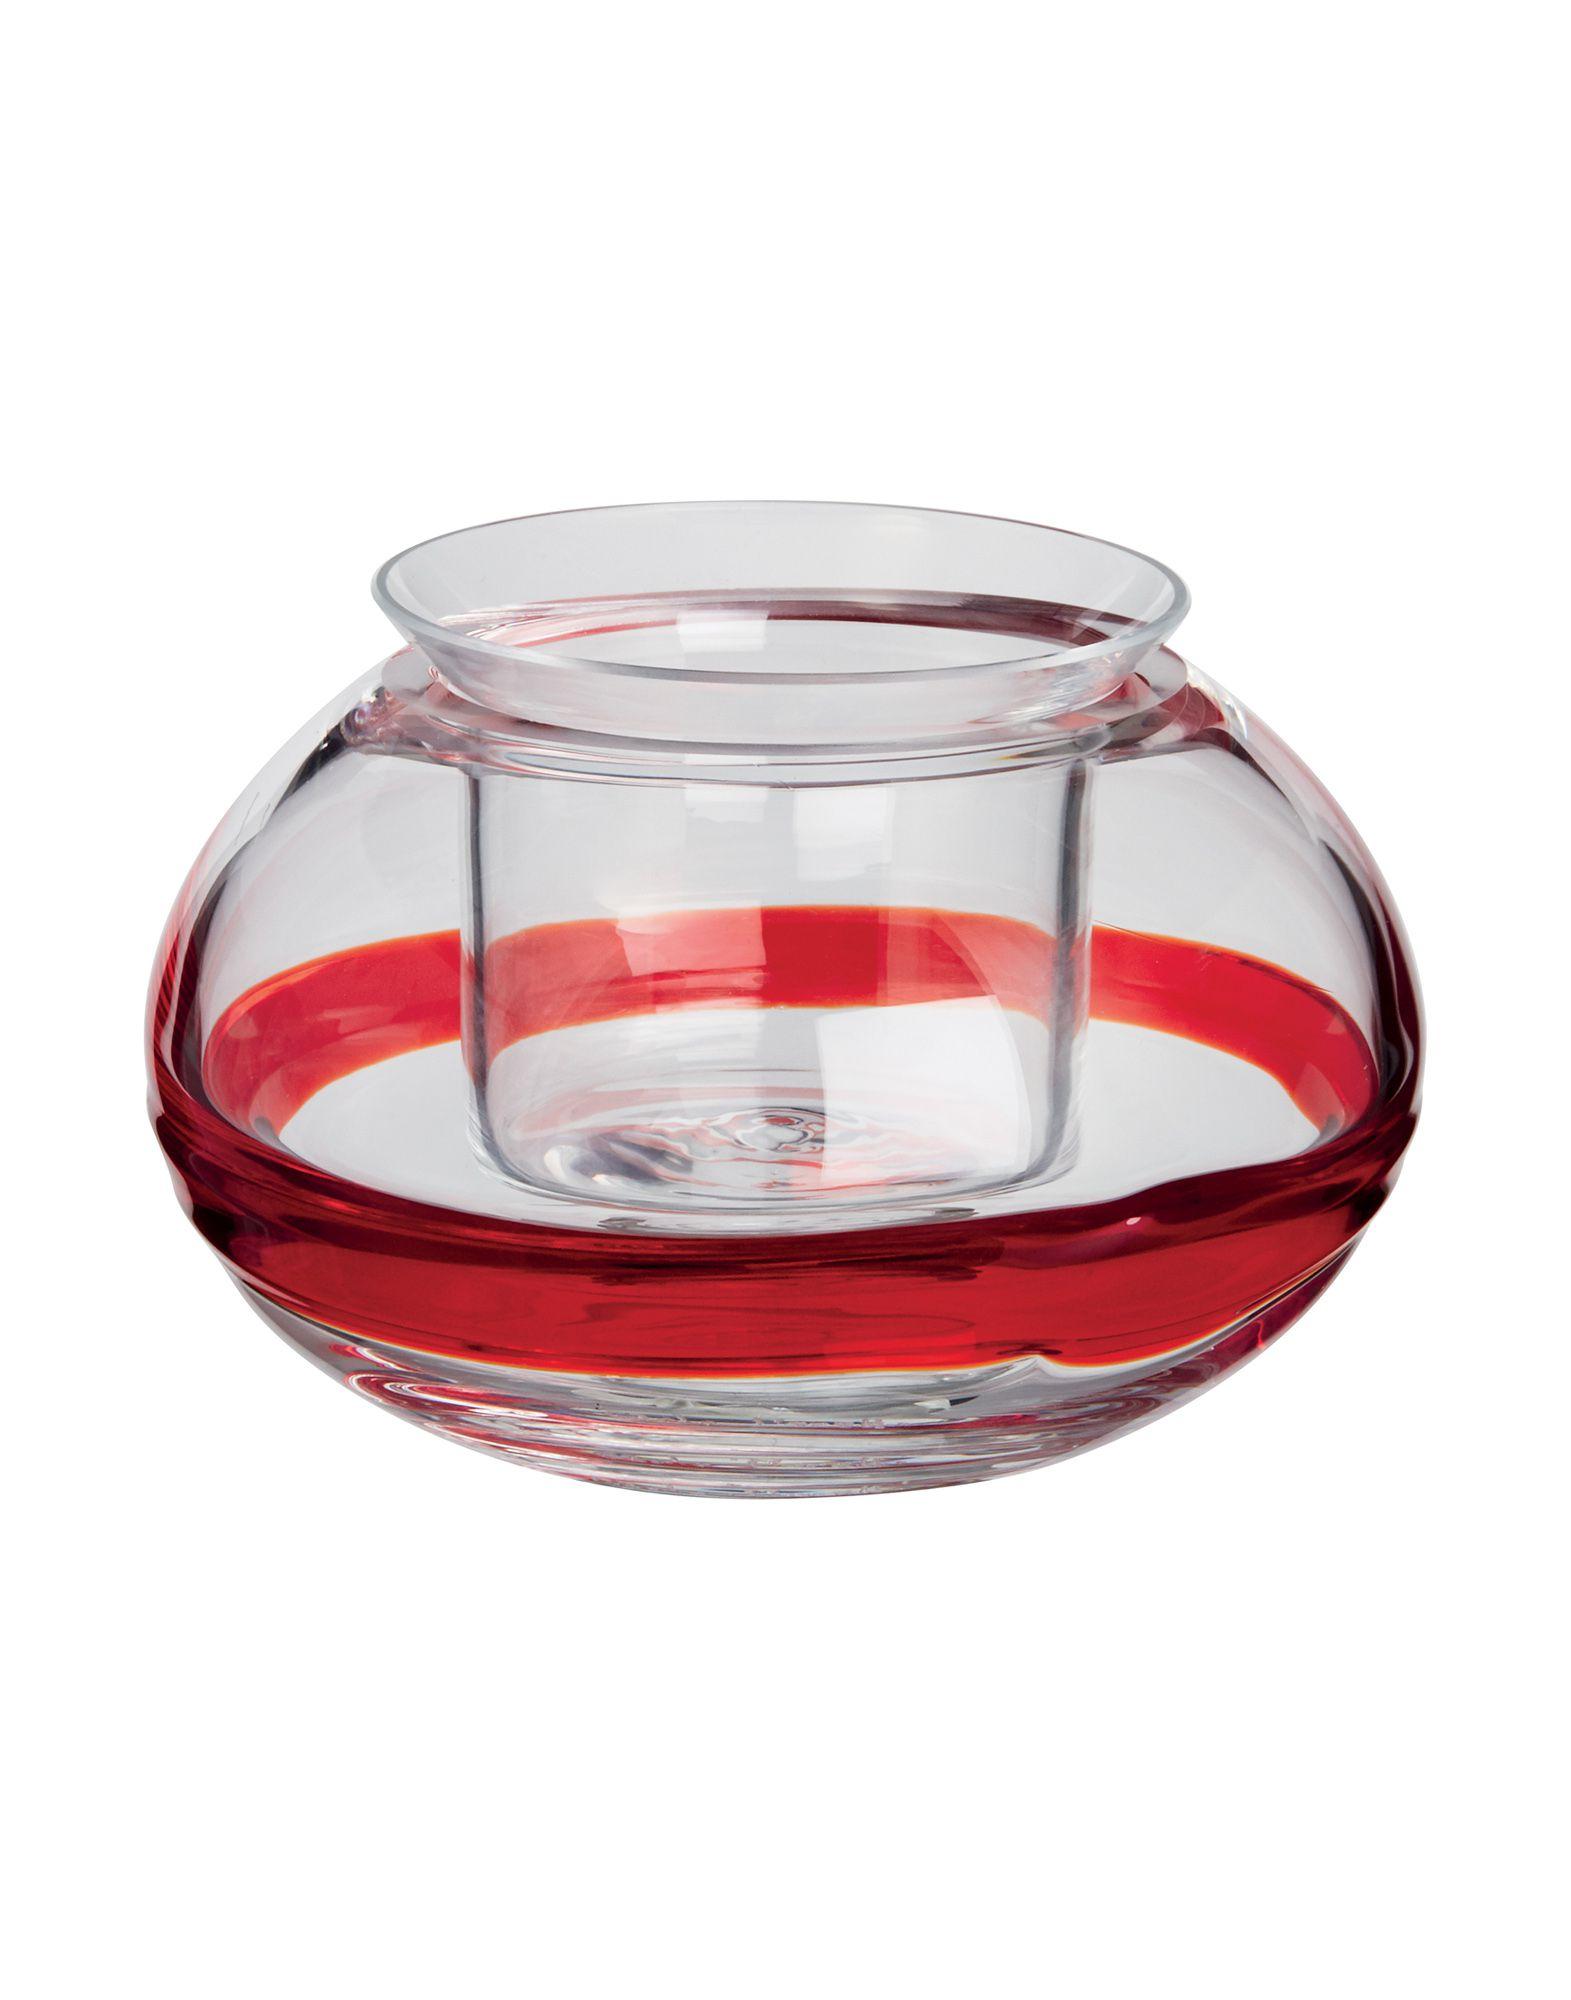 《送料無料》CARLO MORETTI Unisex キャンドルスタンド レッド ガラス Lumino